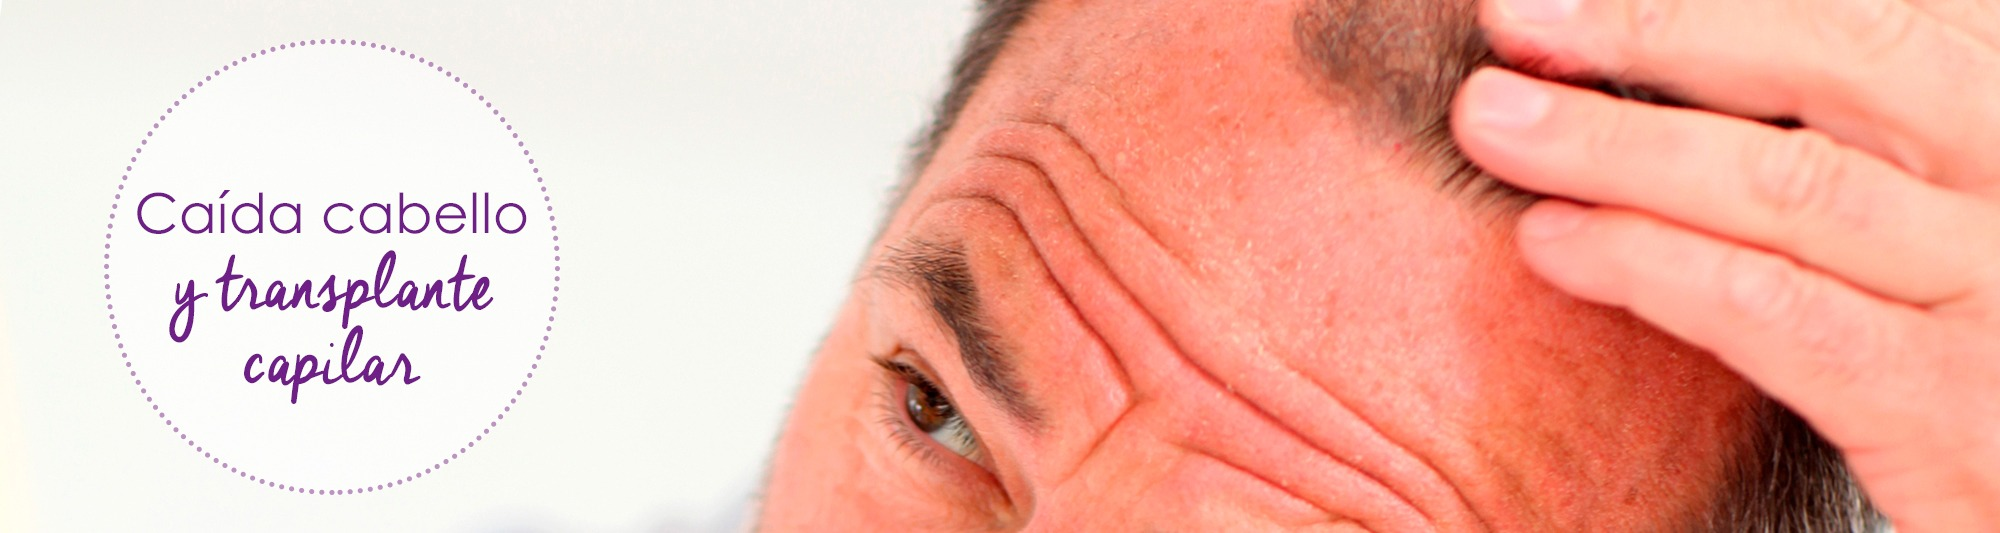 alopecia, caida de pelo, caida pelo, tratamiento pelo, prevencion alopecia